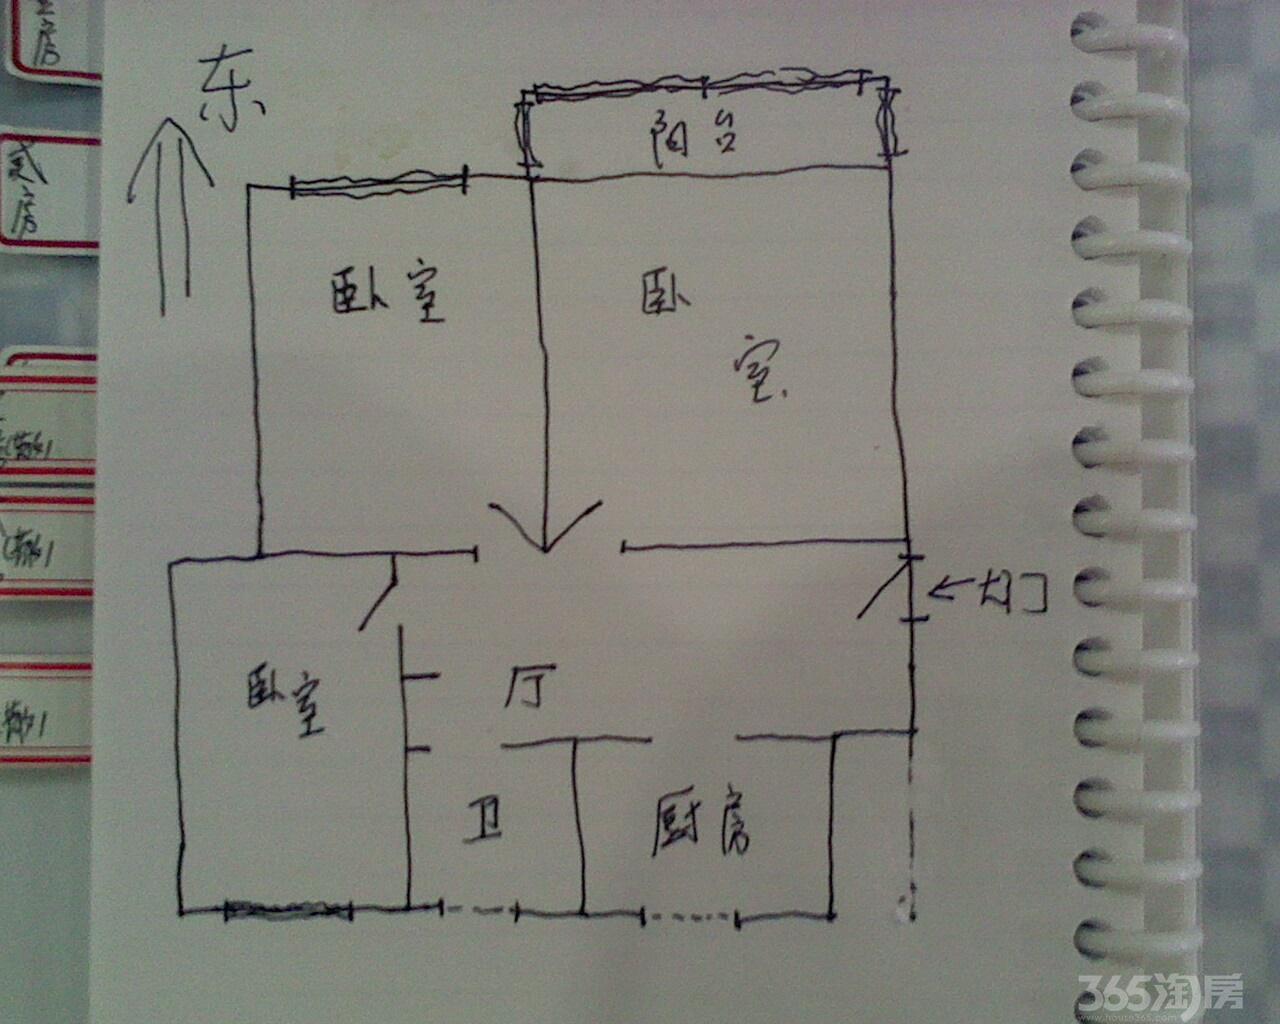 房屋设计图,别墅设计图纸及效果图大全,别墅图片大全,农村 房屋设计图